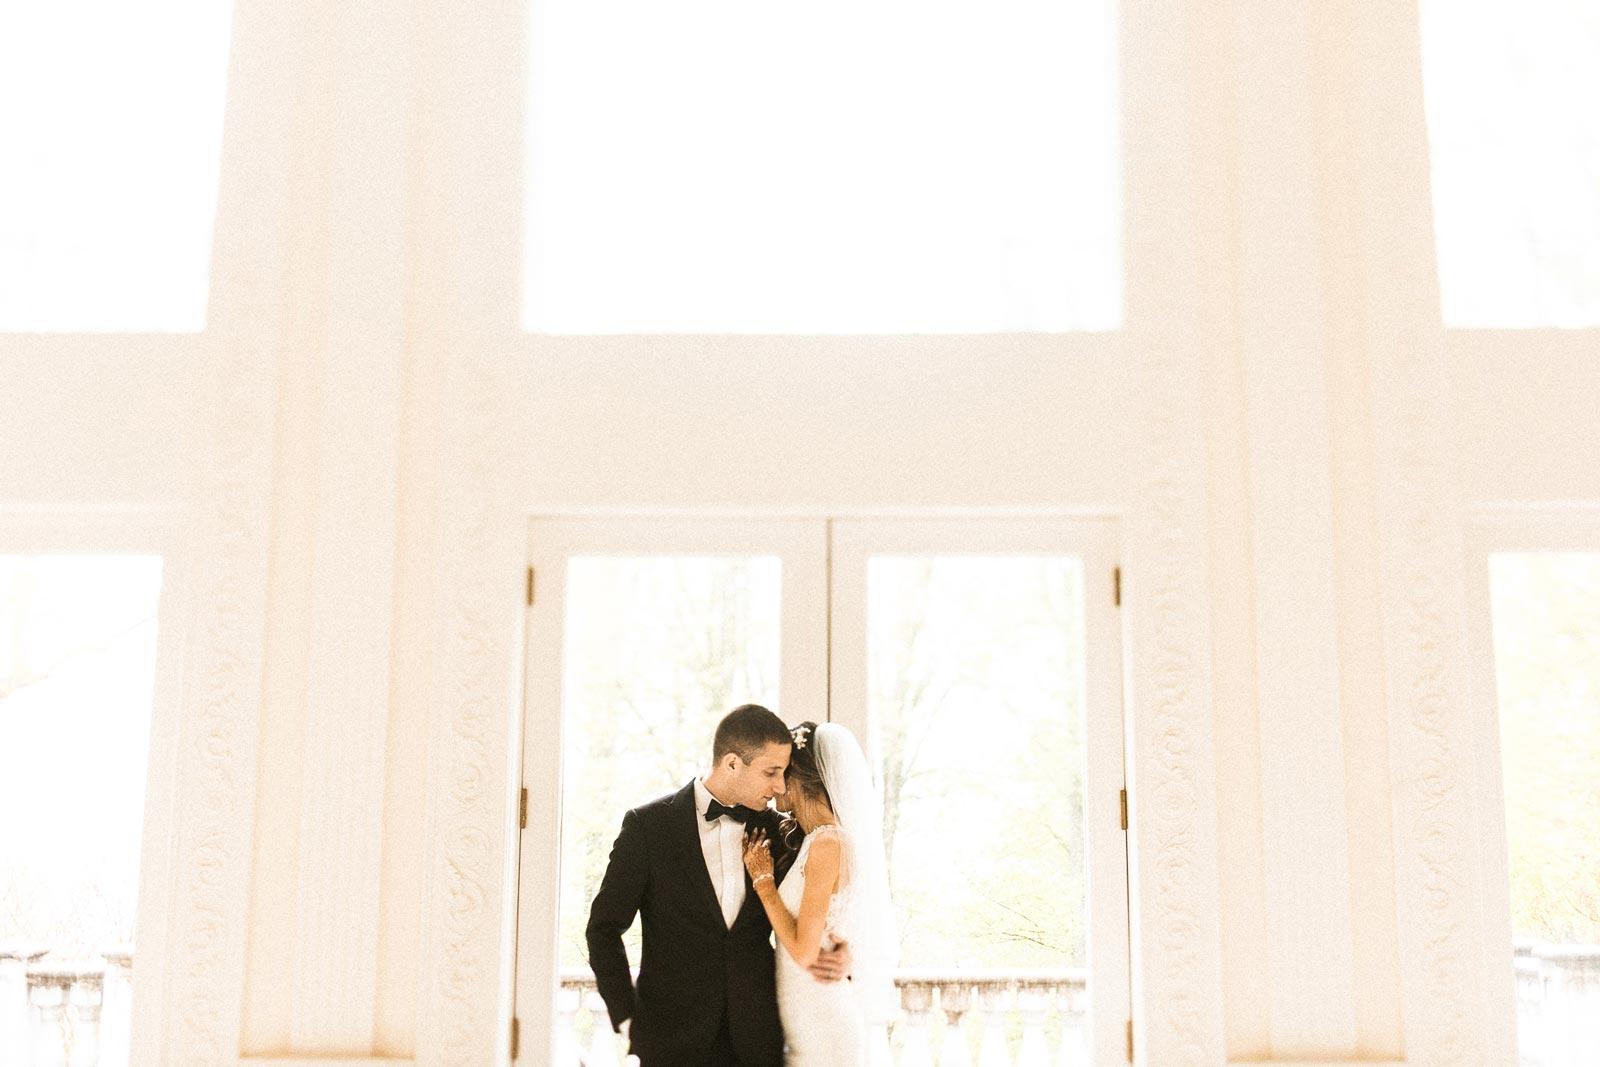 The wedding of Jameel Kurabi and Karima El-Khatib at the Beacon Hill Manor in Leesburg, Virginia.